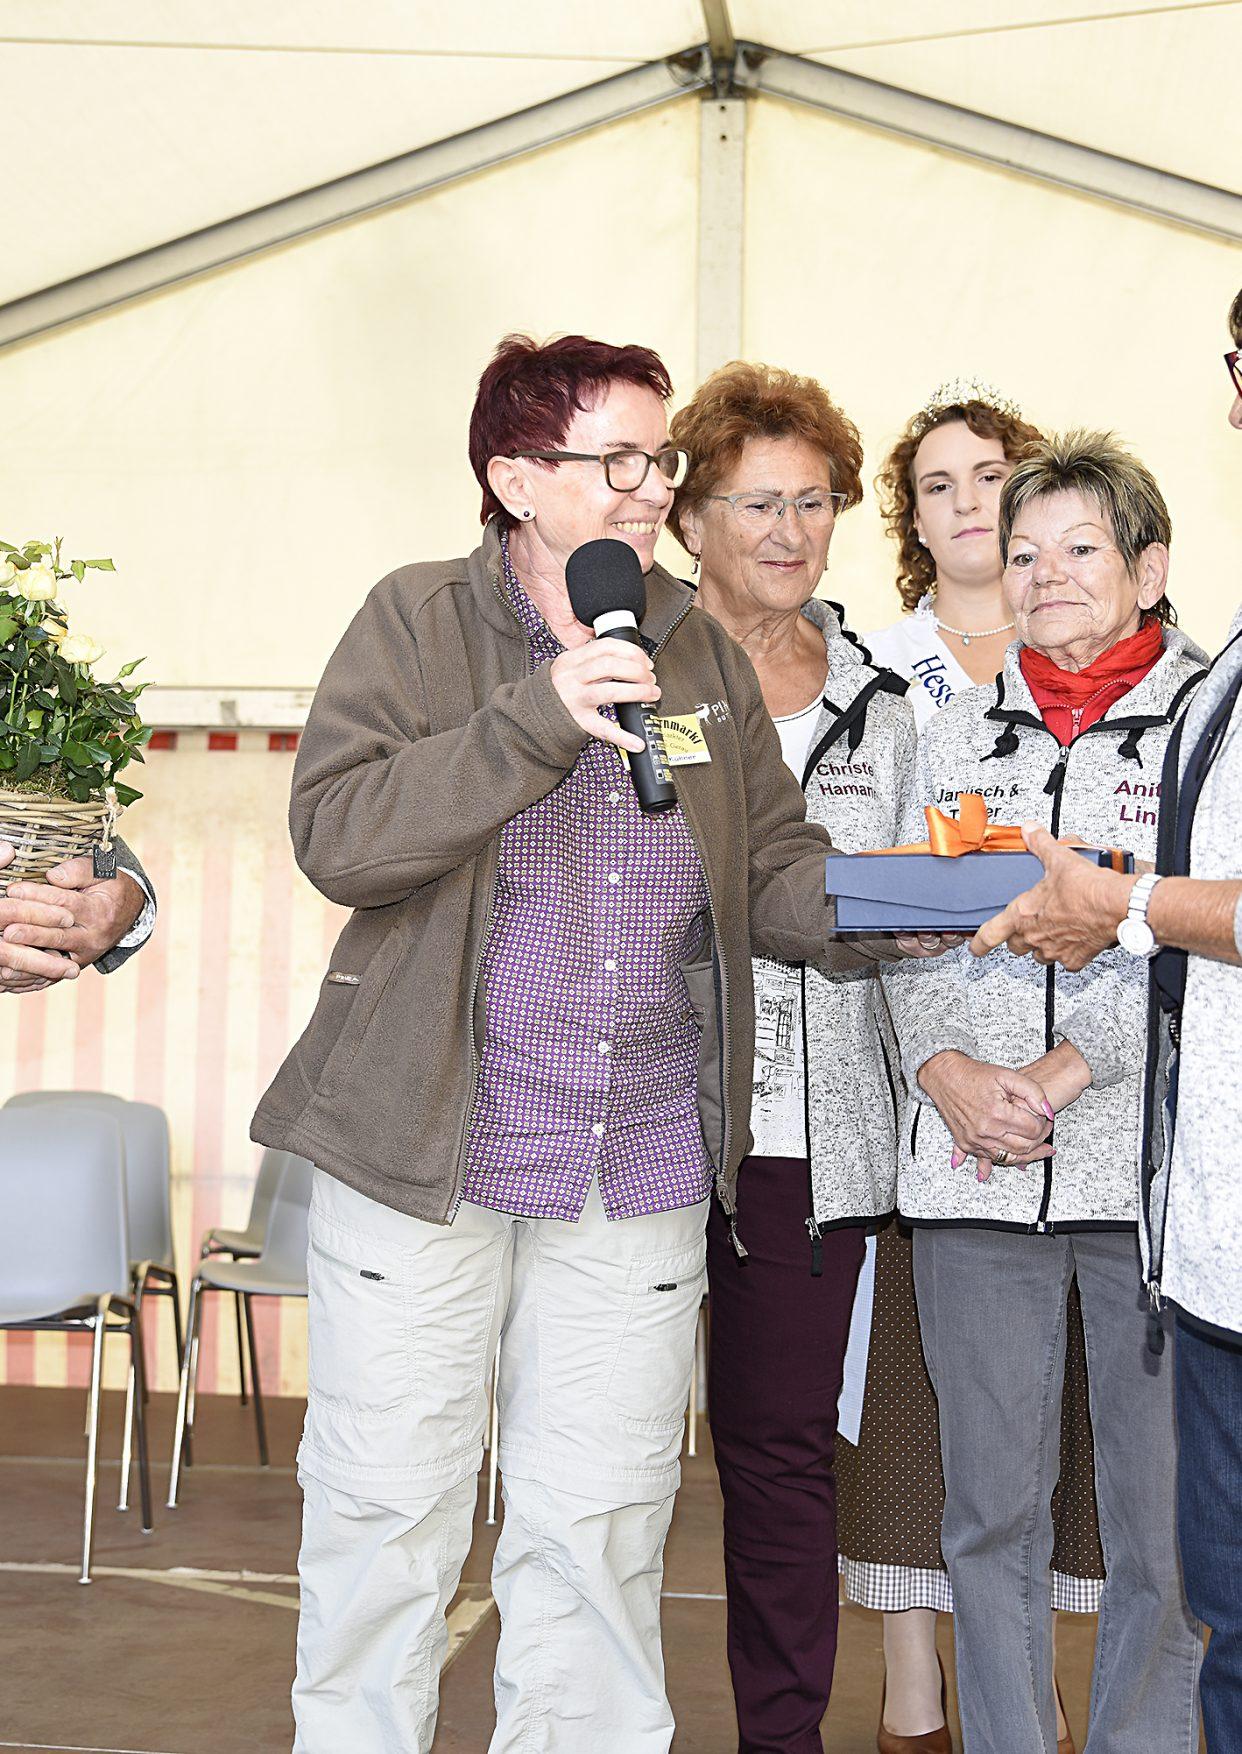 21. Kreisbauernmarkt Groß-Gerau